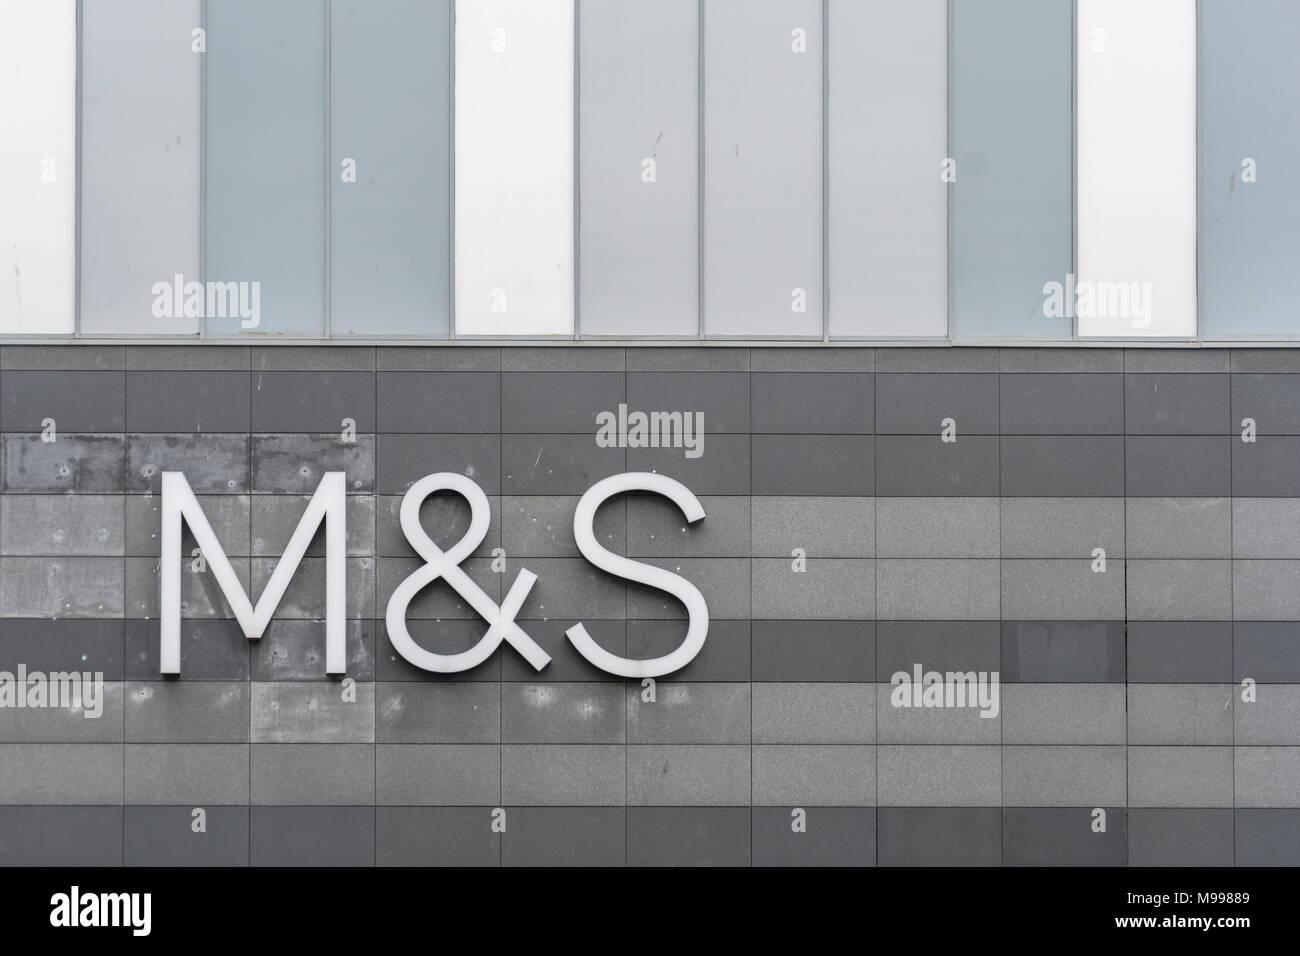 Marks und Spencer/M&S Logo bei Drake Center Mall, Plymouth. Mögliche Metapher für M&S Schließungen 2018, Gewinnwarnung, Gewinne stürzen, Arbeitsplatzabbau. Stockbild